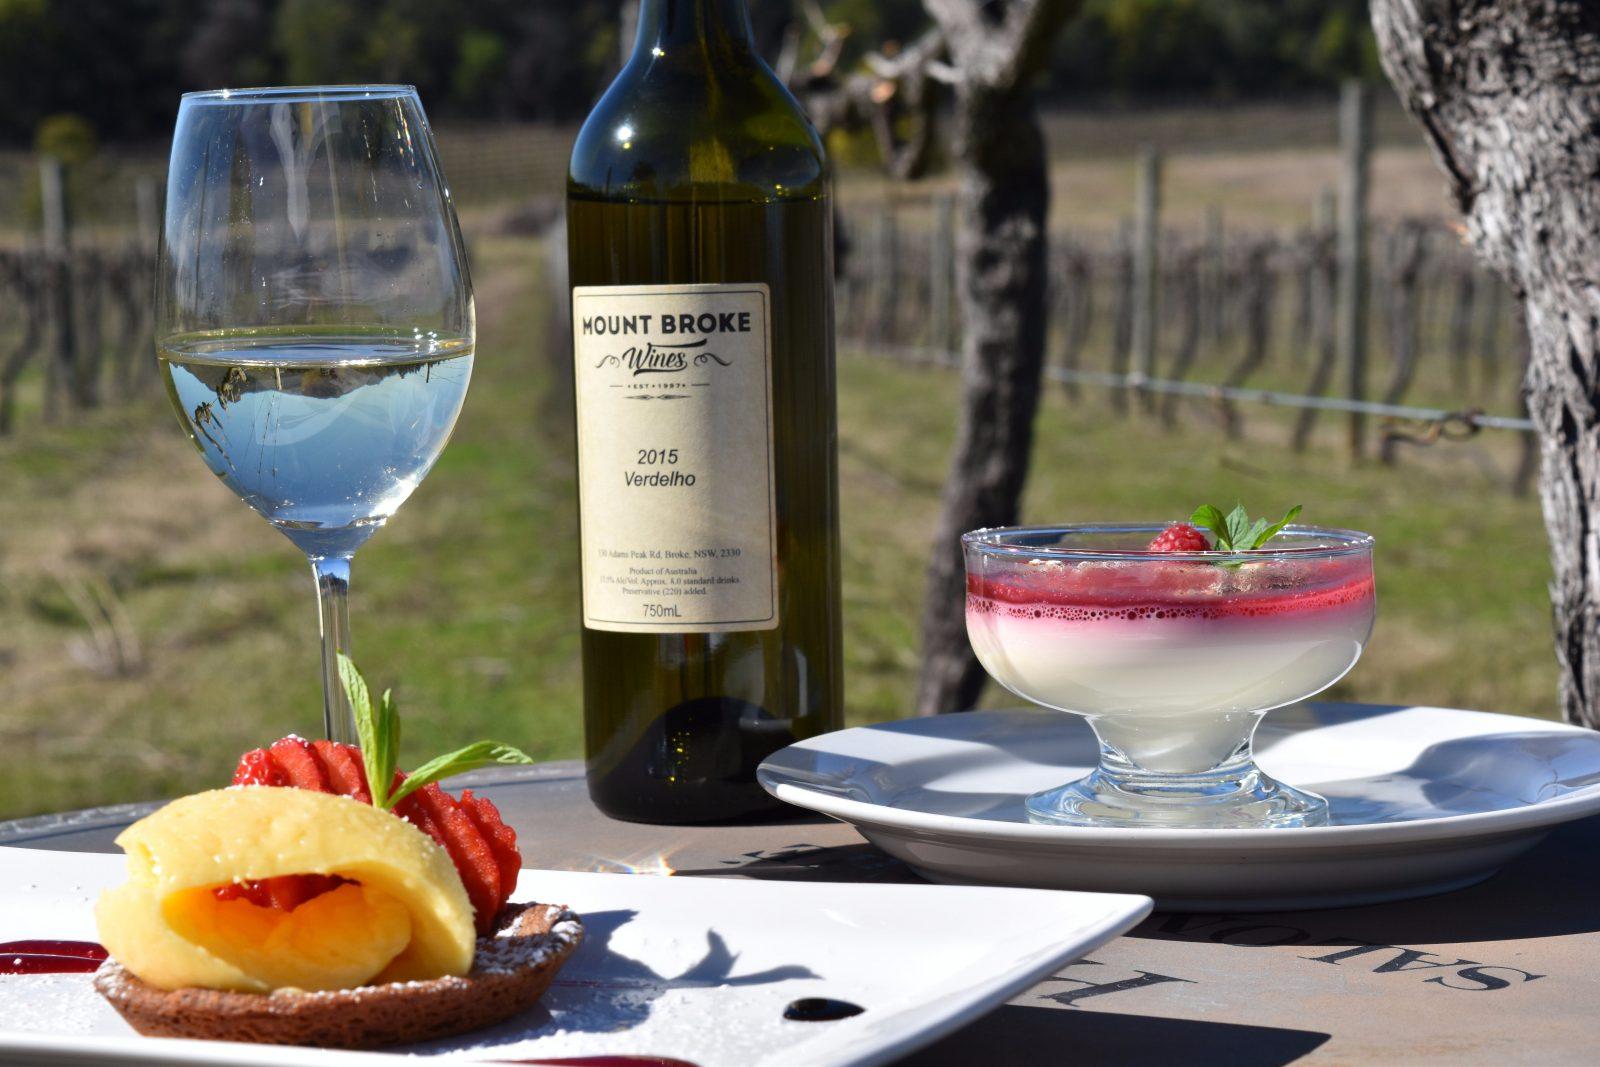 Mount-Broke-Wines-And-Restaurant